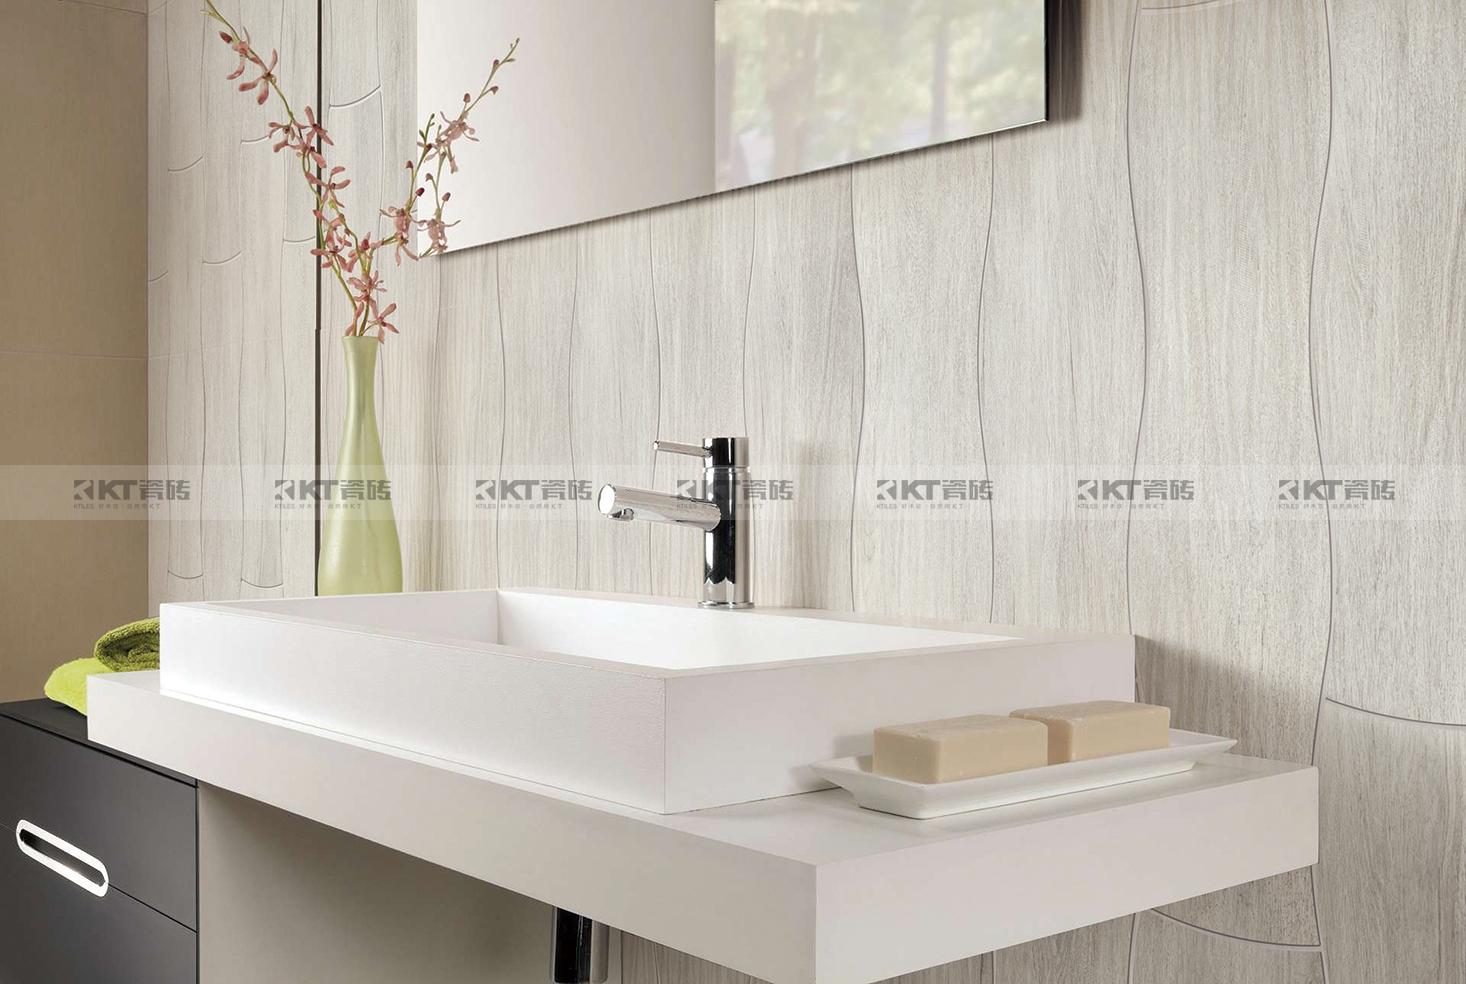 好看的设计+有趣的灵魂,内外兼修的200x800mm波浪形木纹砖!